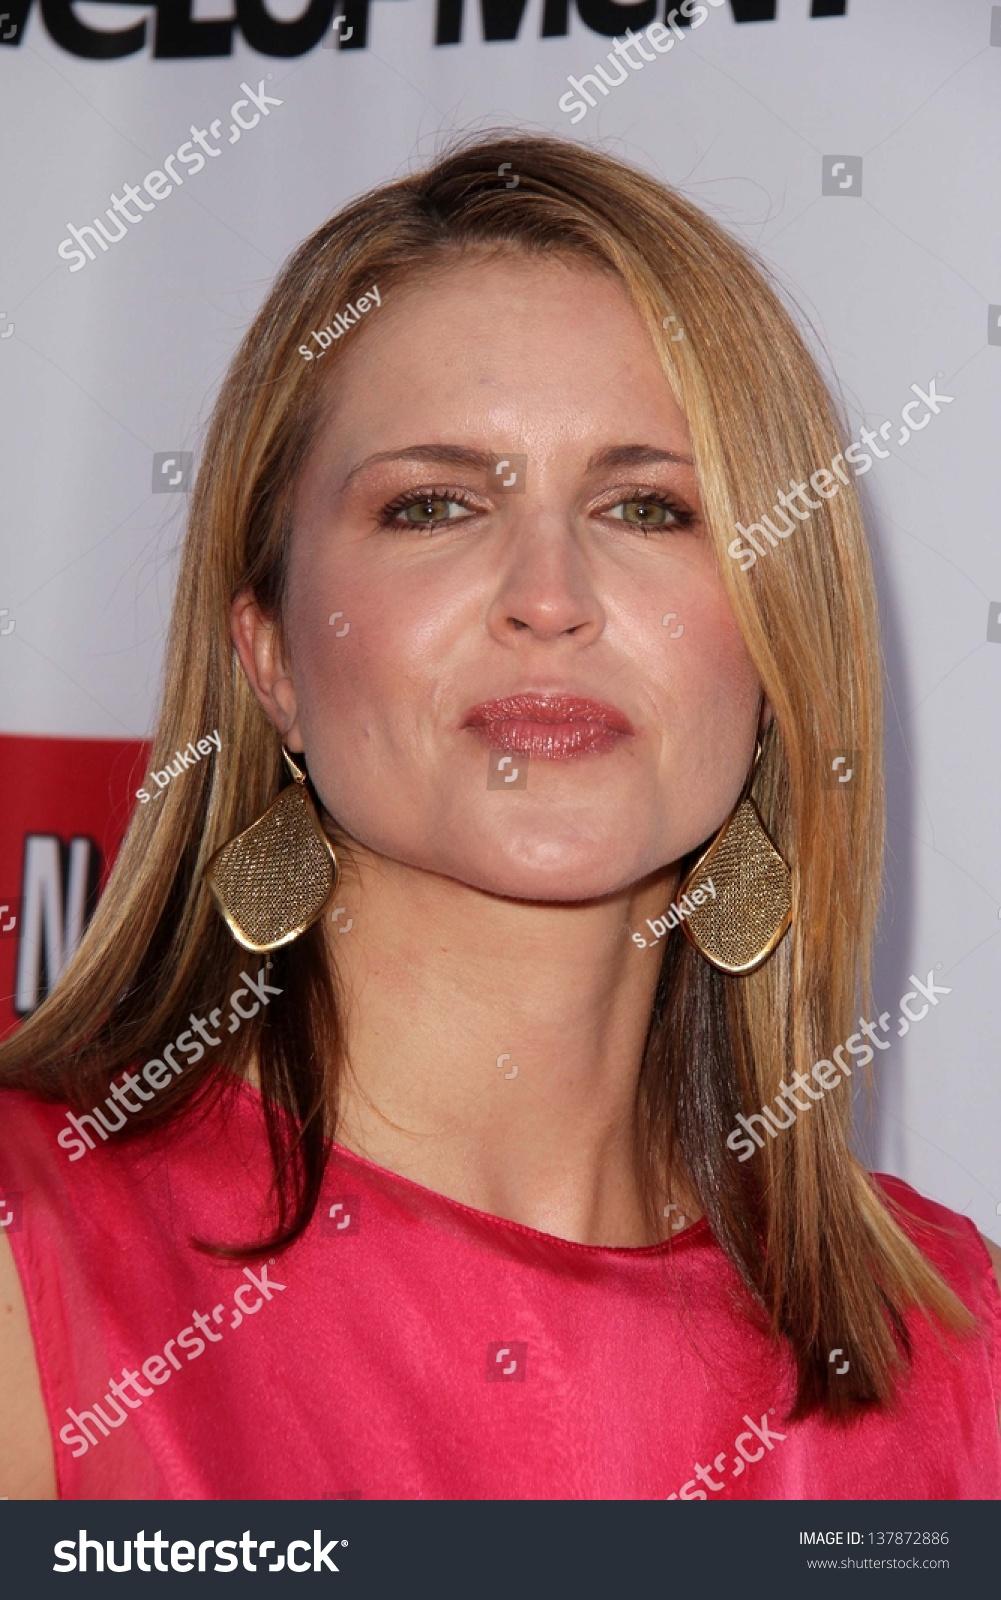 Gabrielle Fitzpatrick Hot photos Ruby Miller (actress),Kevin Bernhardt